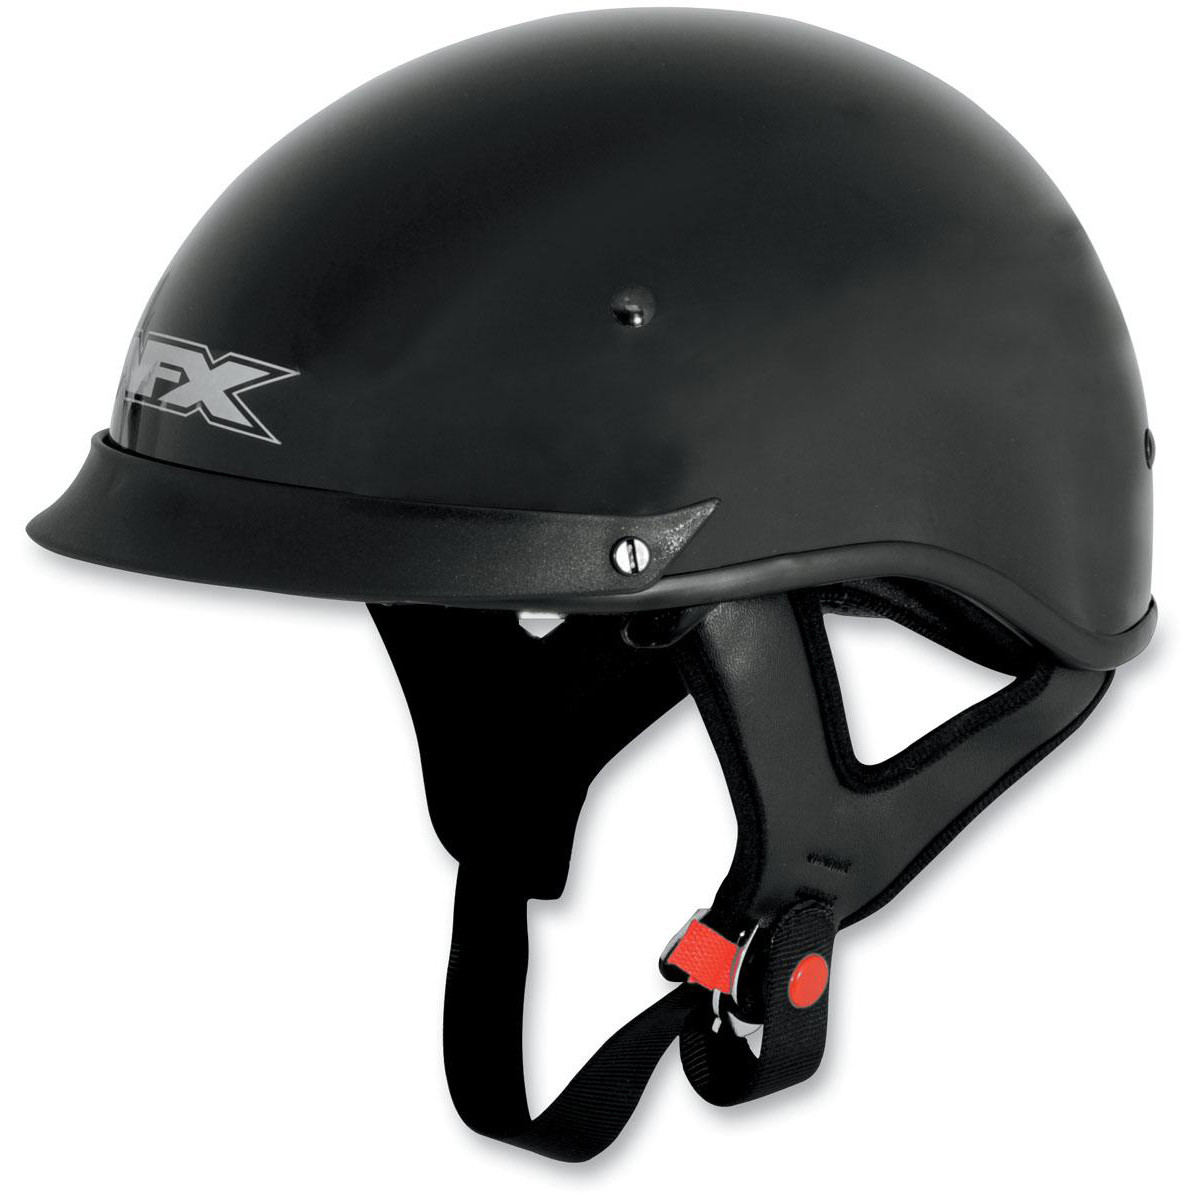 UCLEAR HBC100 Plus - Bluetooth Helmet Audio System - Single Kit